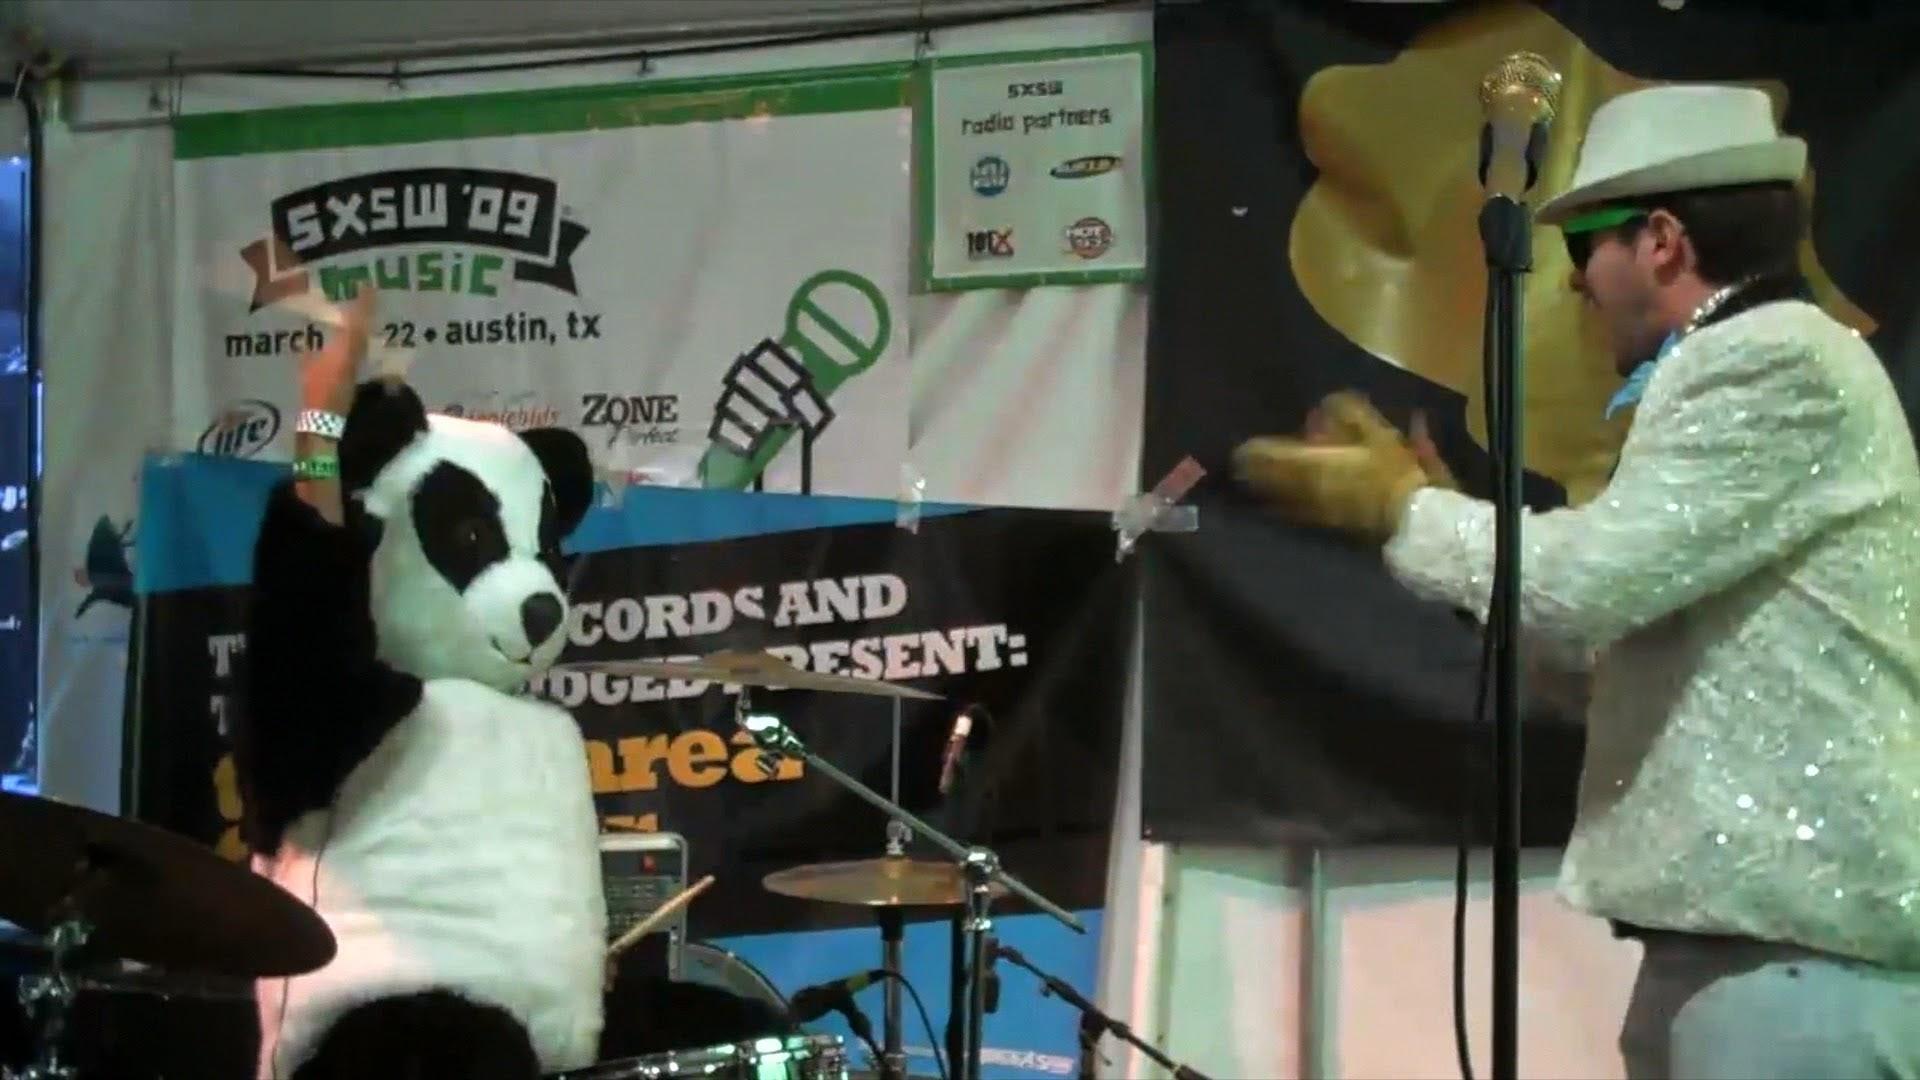 Panda SuitXSW